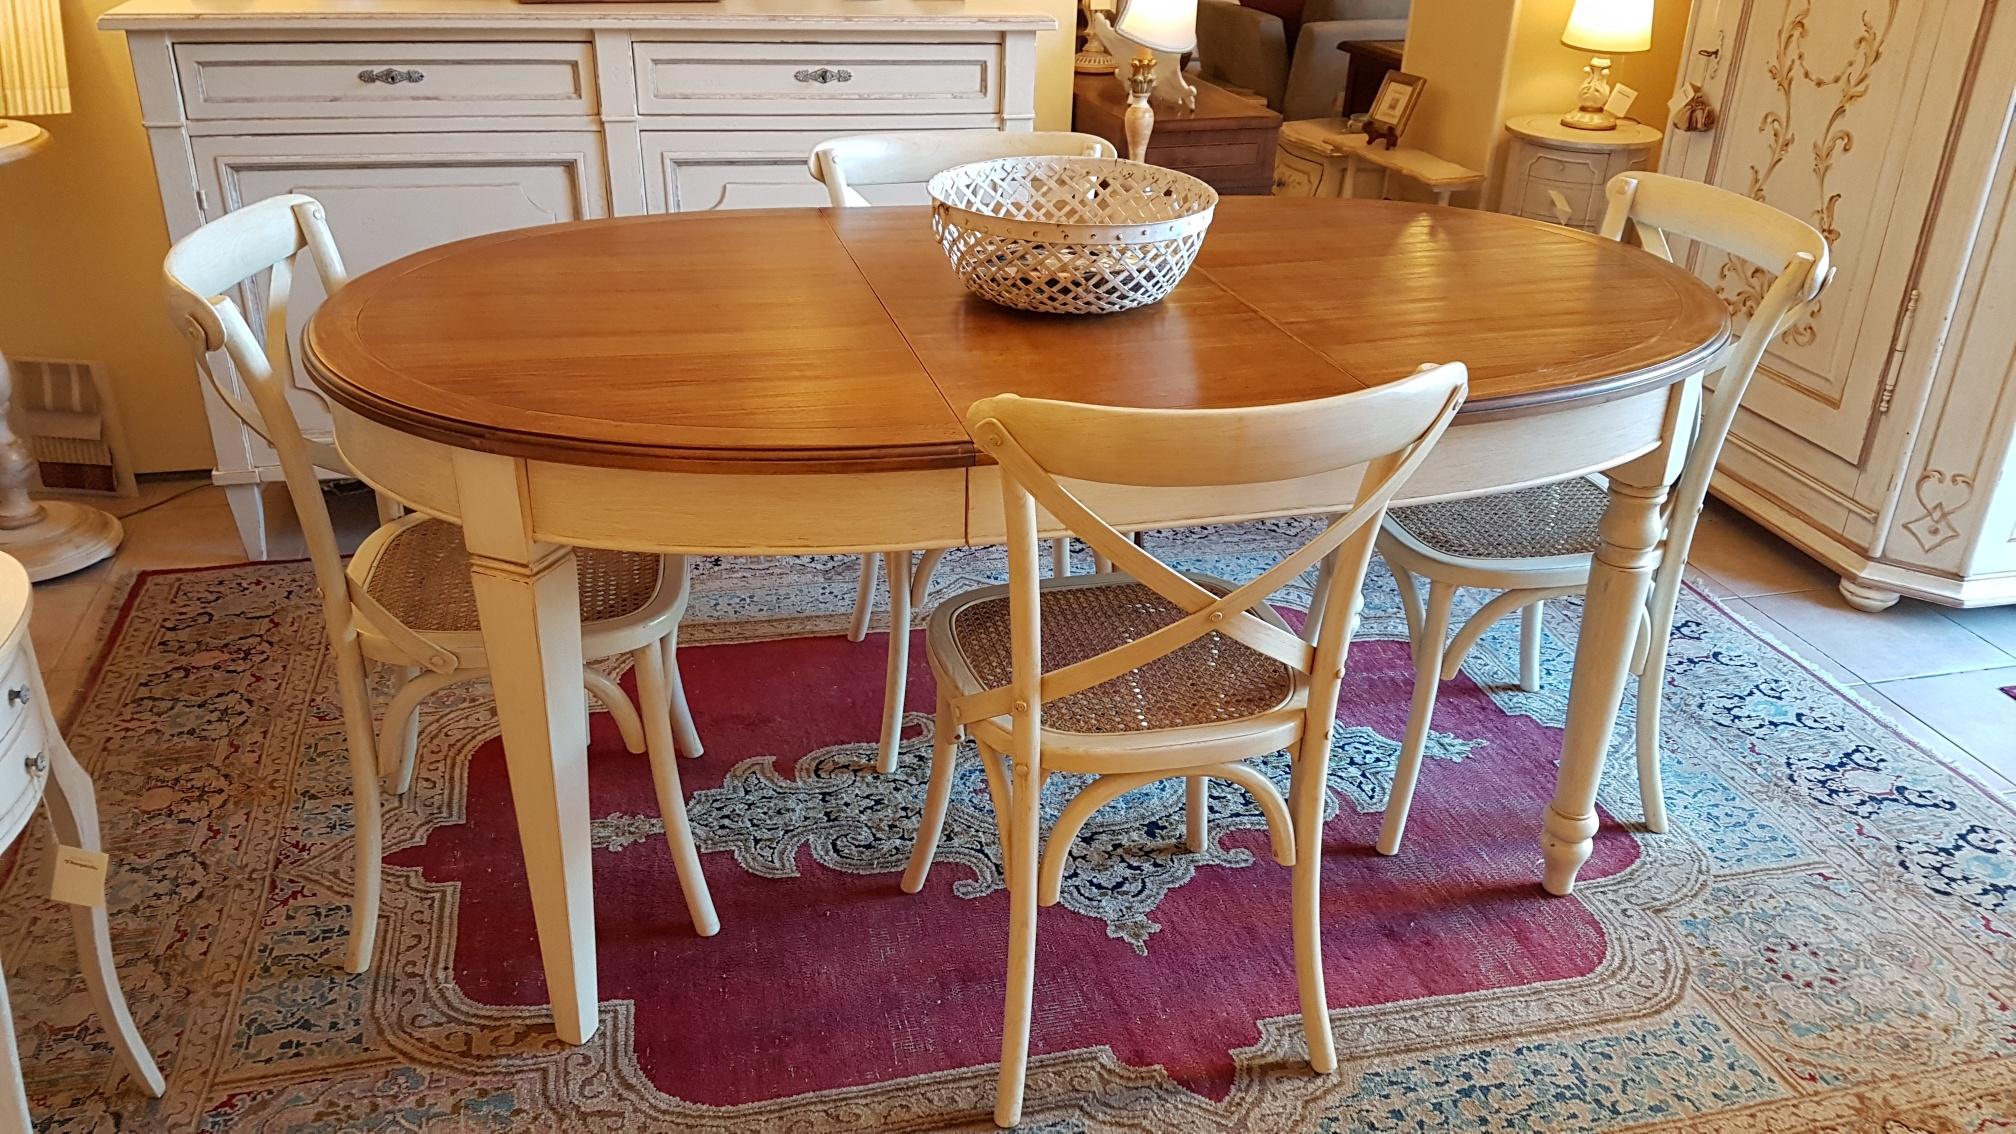 Arredamento contemporaneo mobili country su misura siena - Tavolo ovale allungabile ...